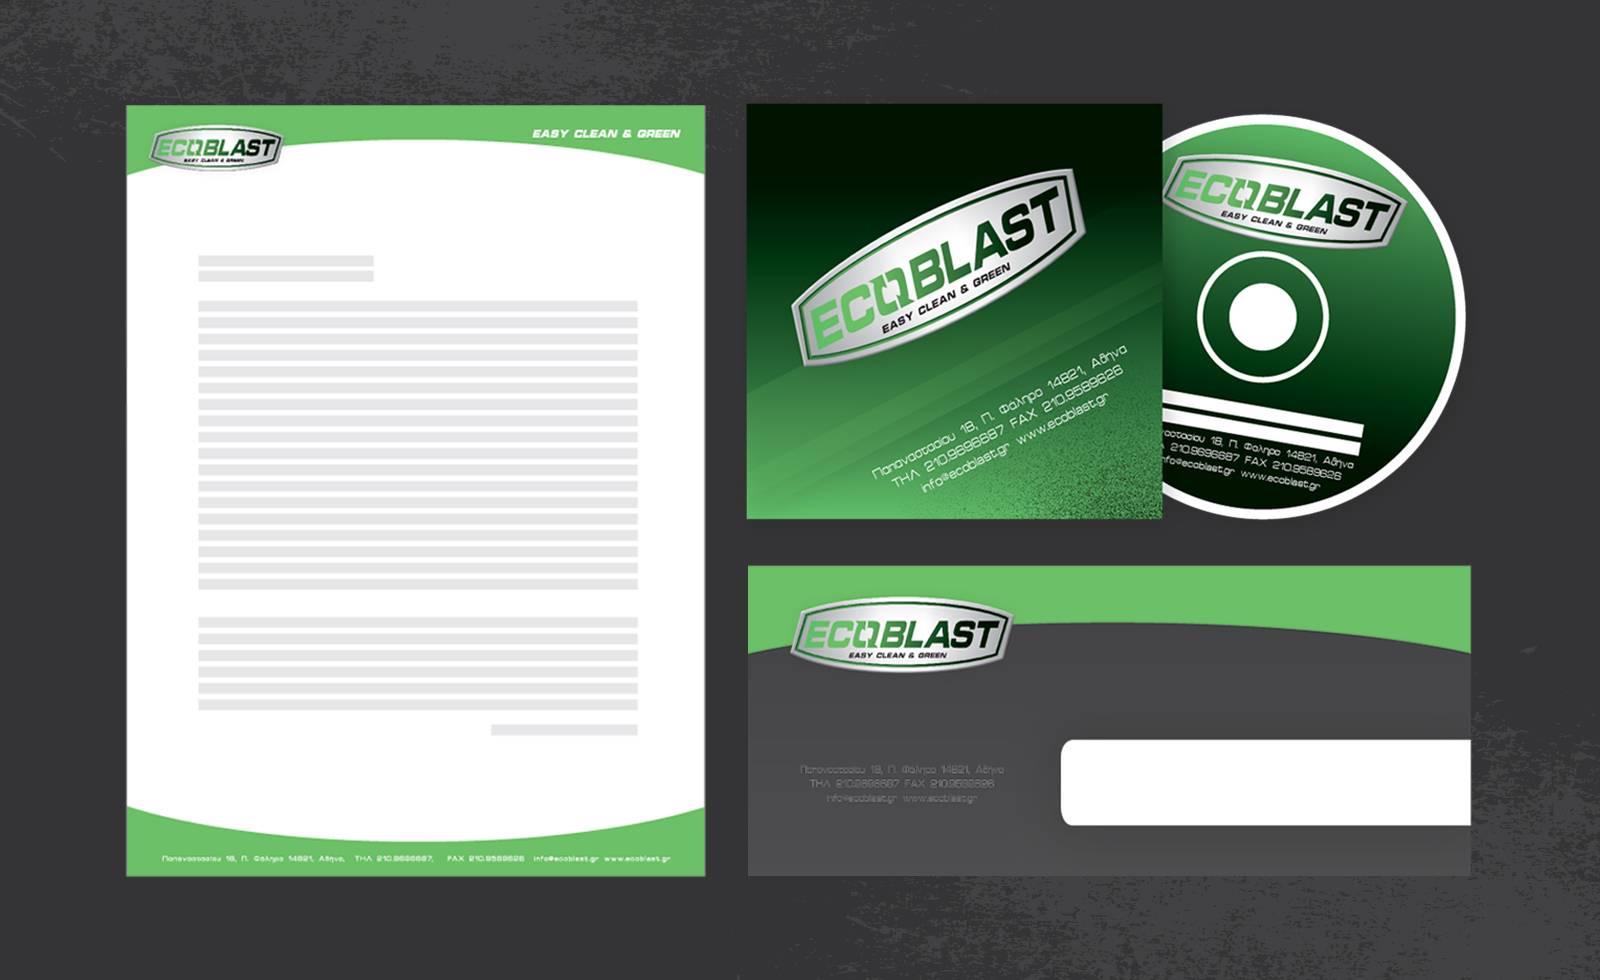 Ecoblast2